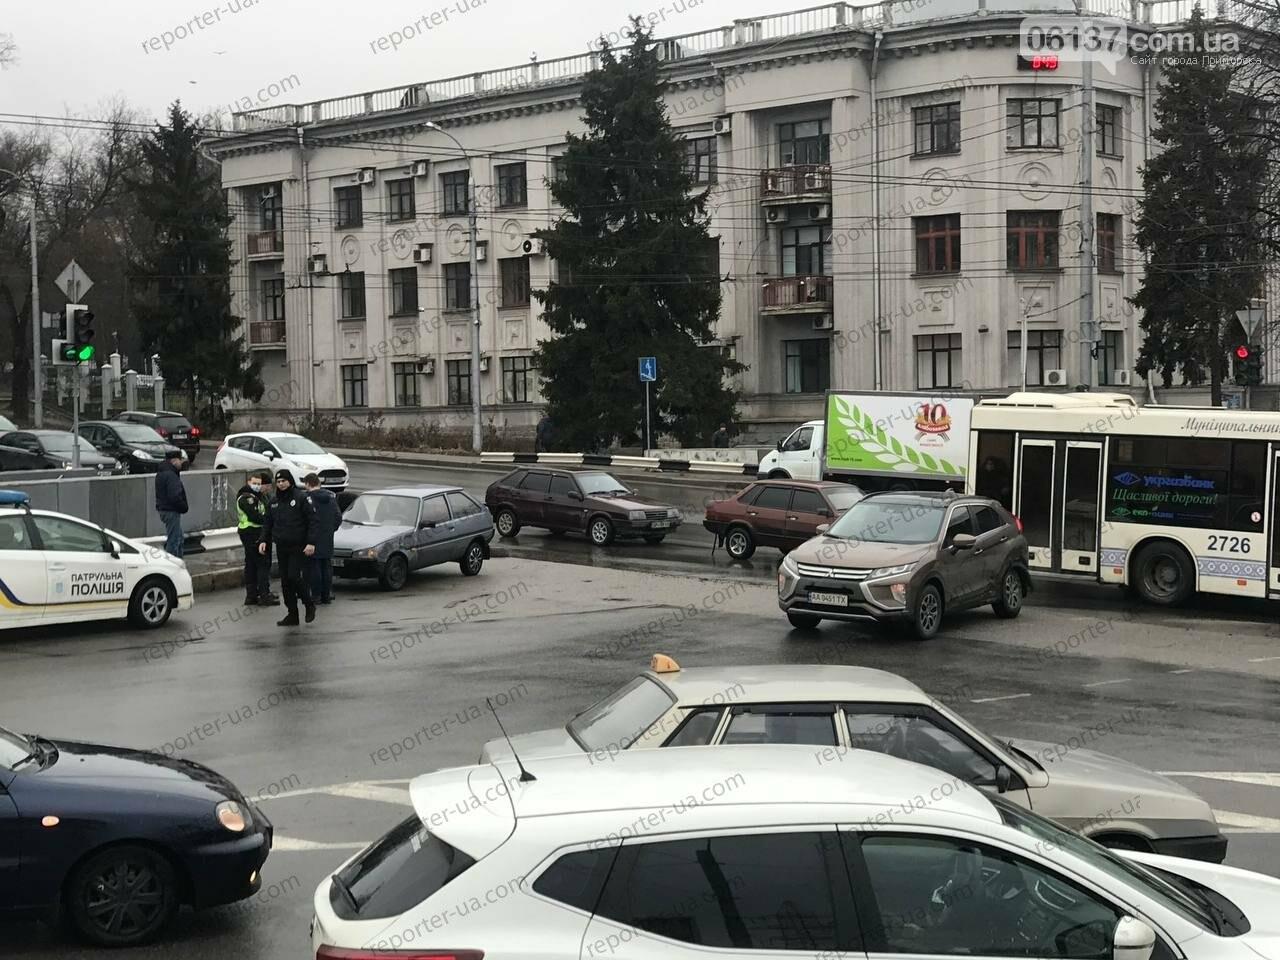 Утренняя авария на запорожской плотине привела к пробке: автобус столкнулся с легковым авто. Фото/Видео, фото-6